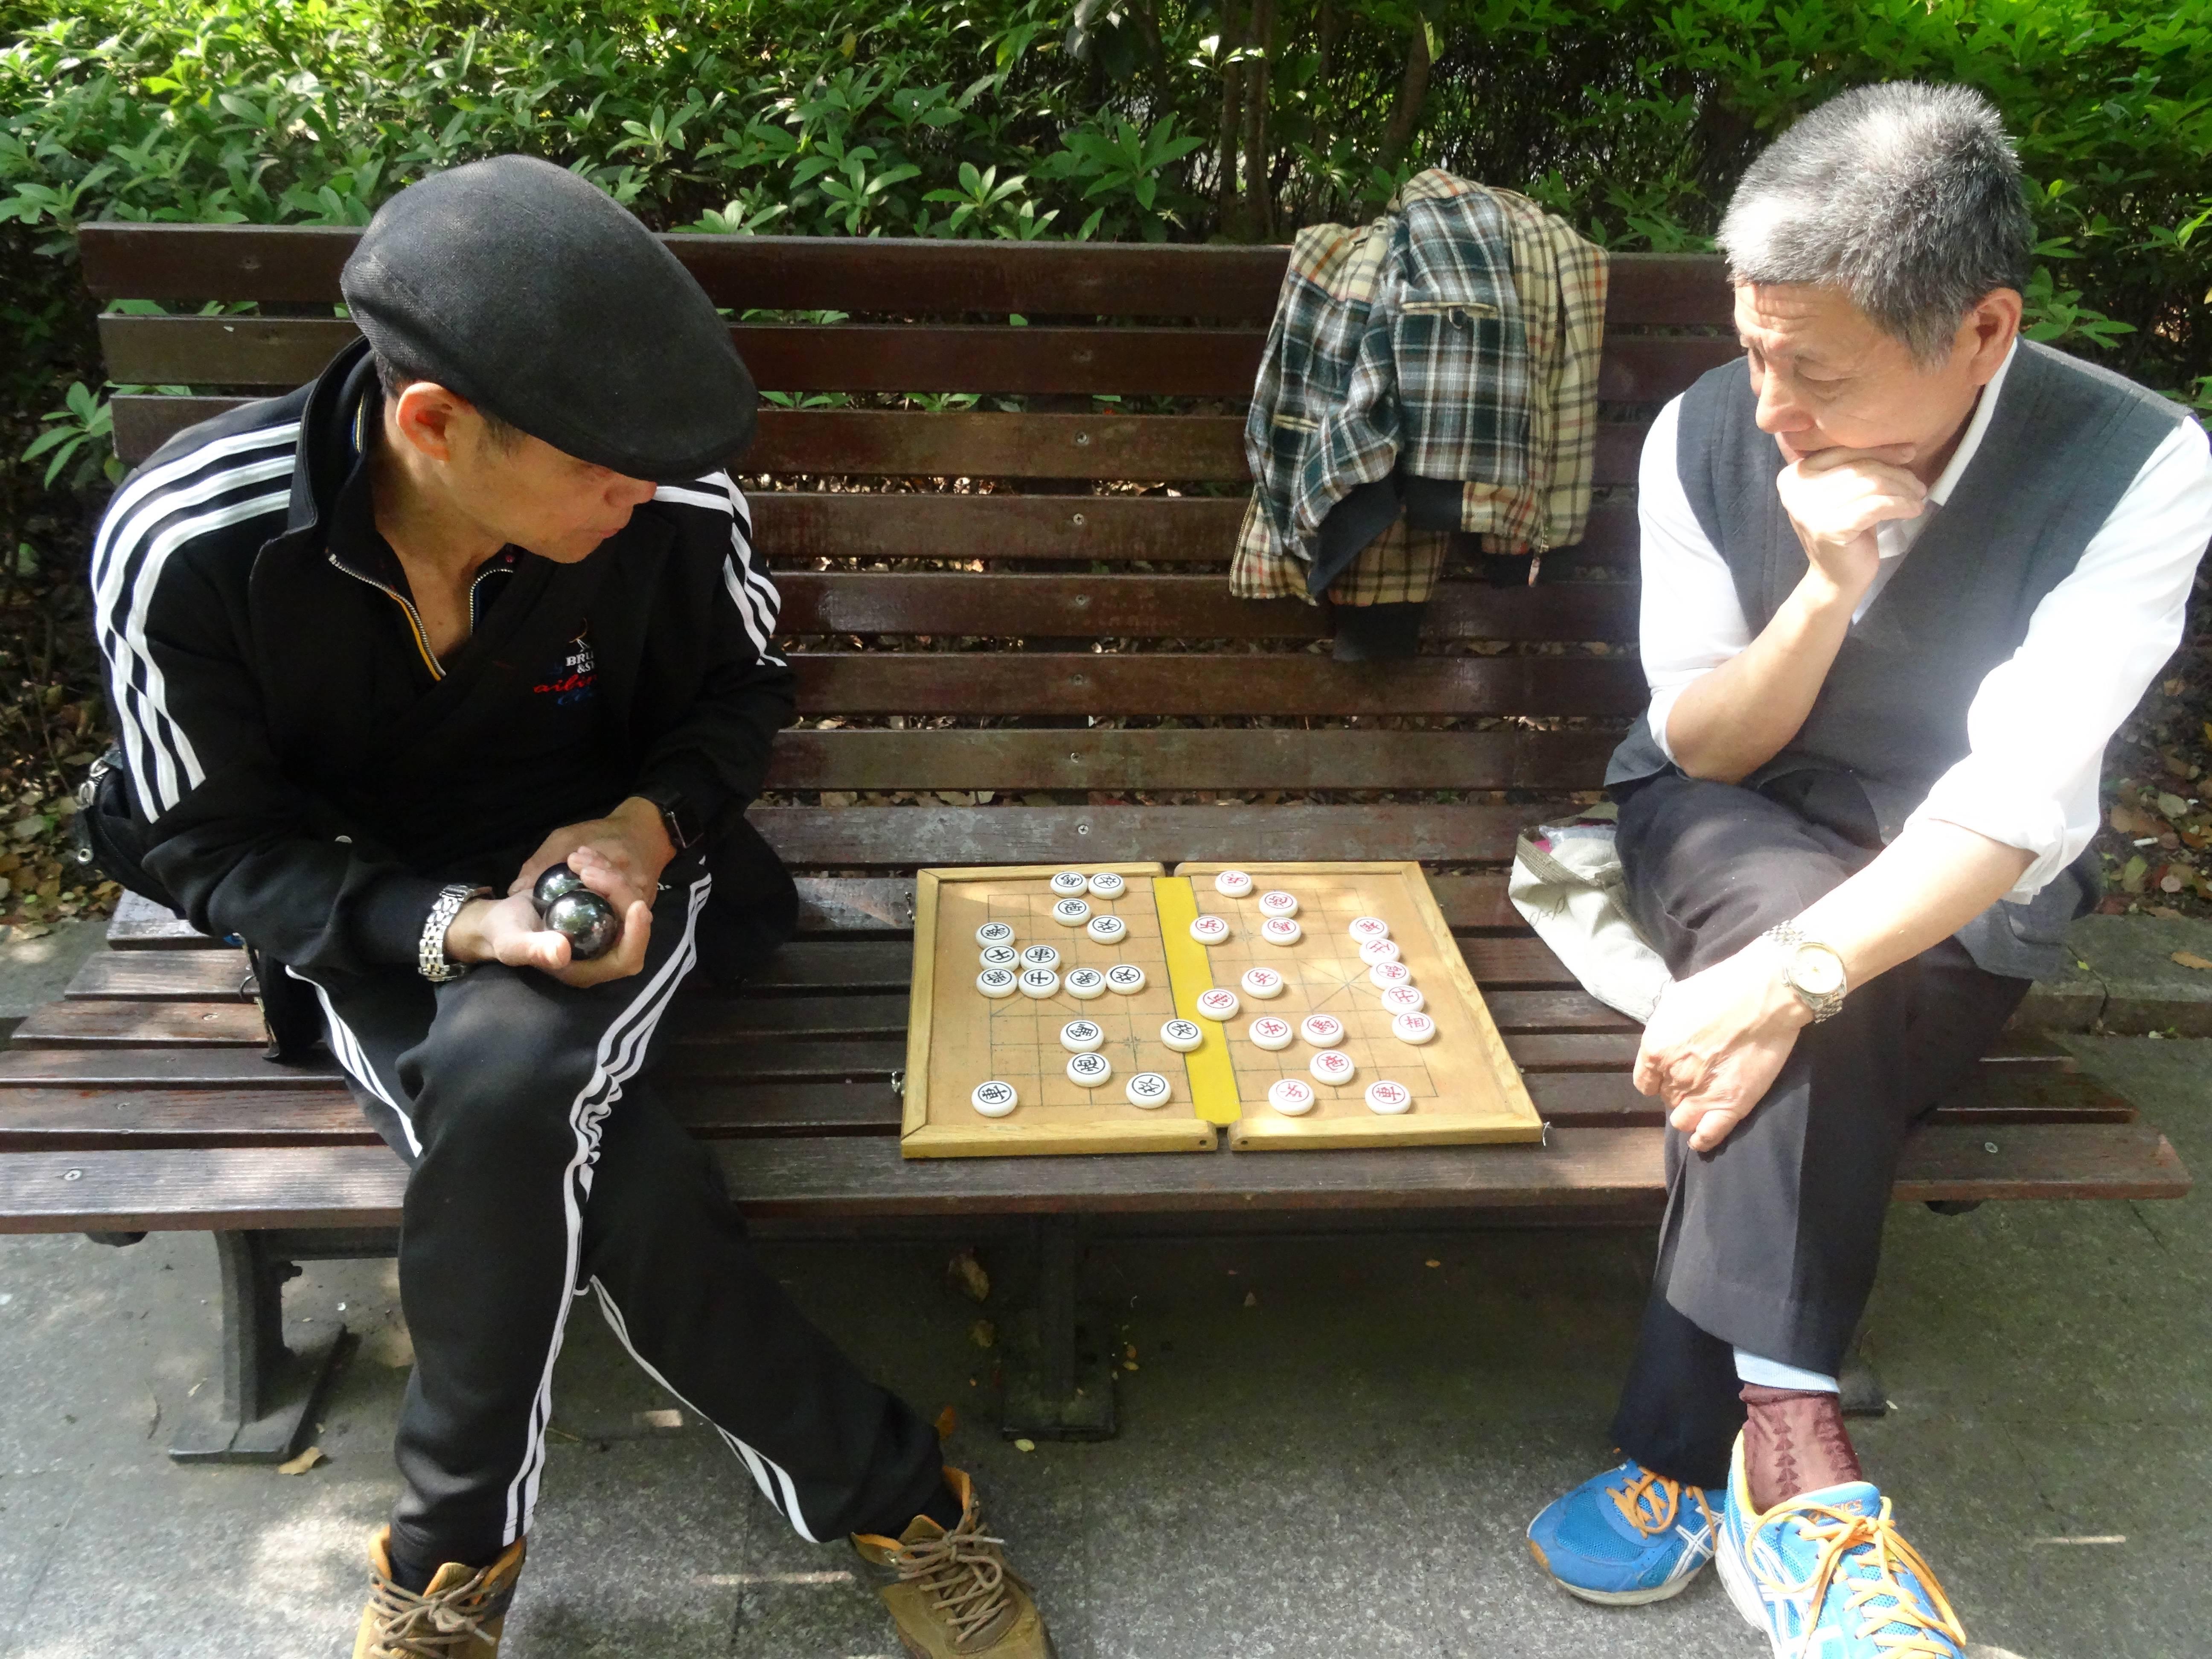 Photo 1: Shangaï, le Parc Fuxing, lieu d'échanges entre shangaïens